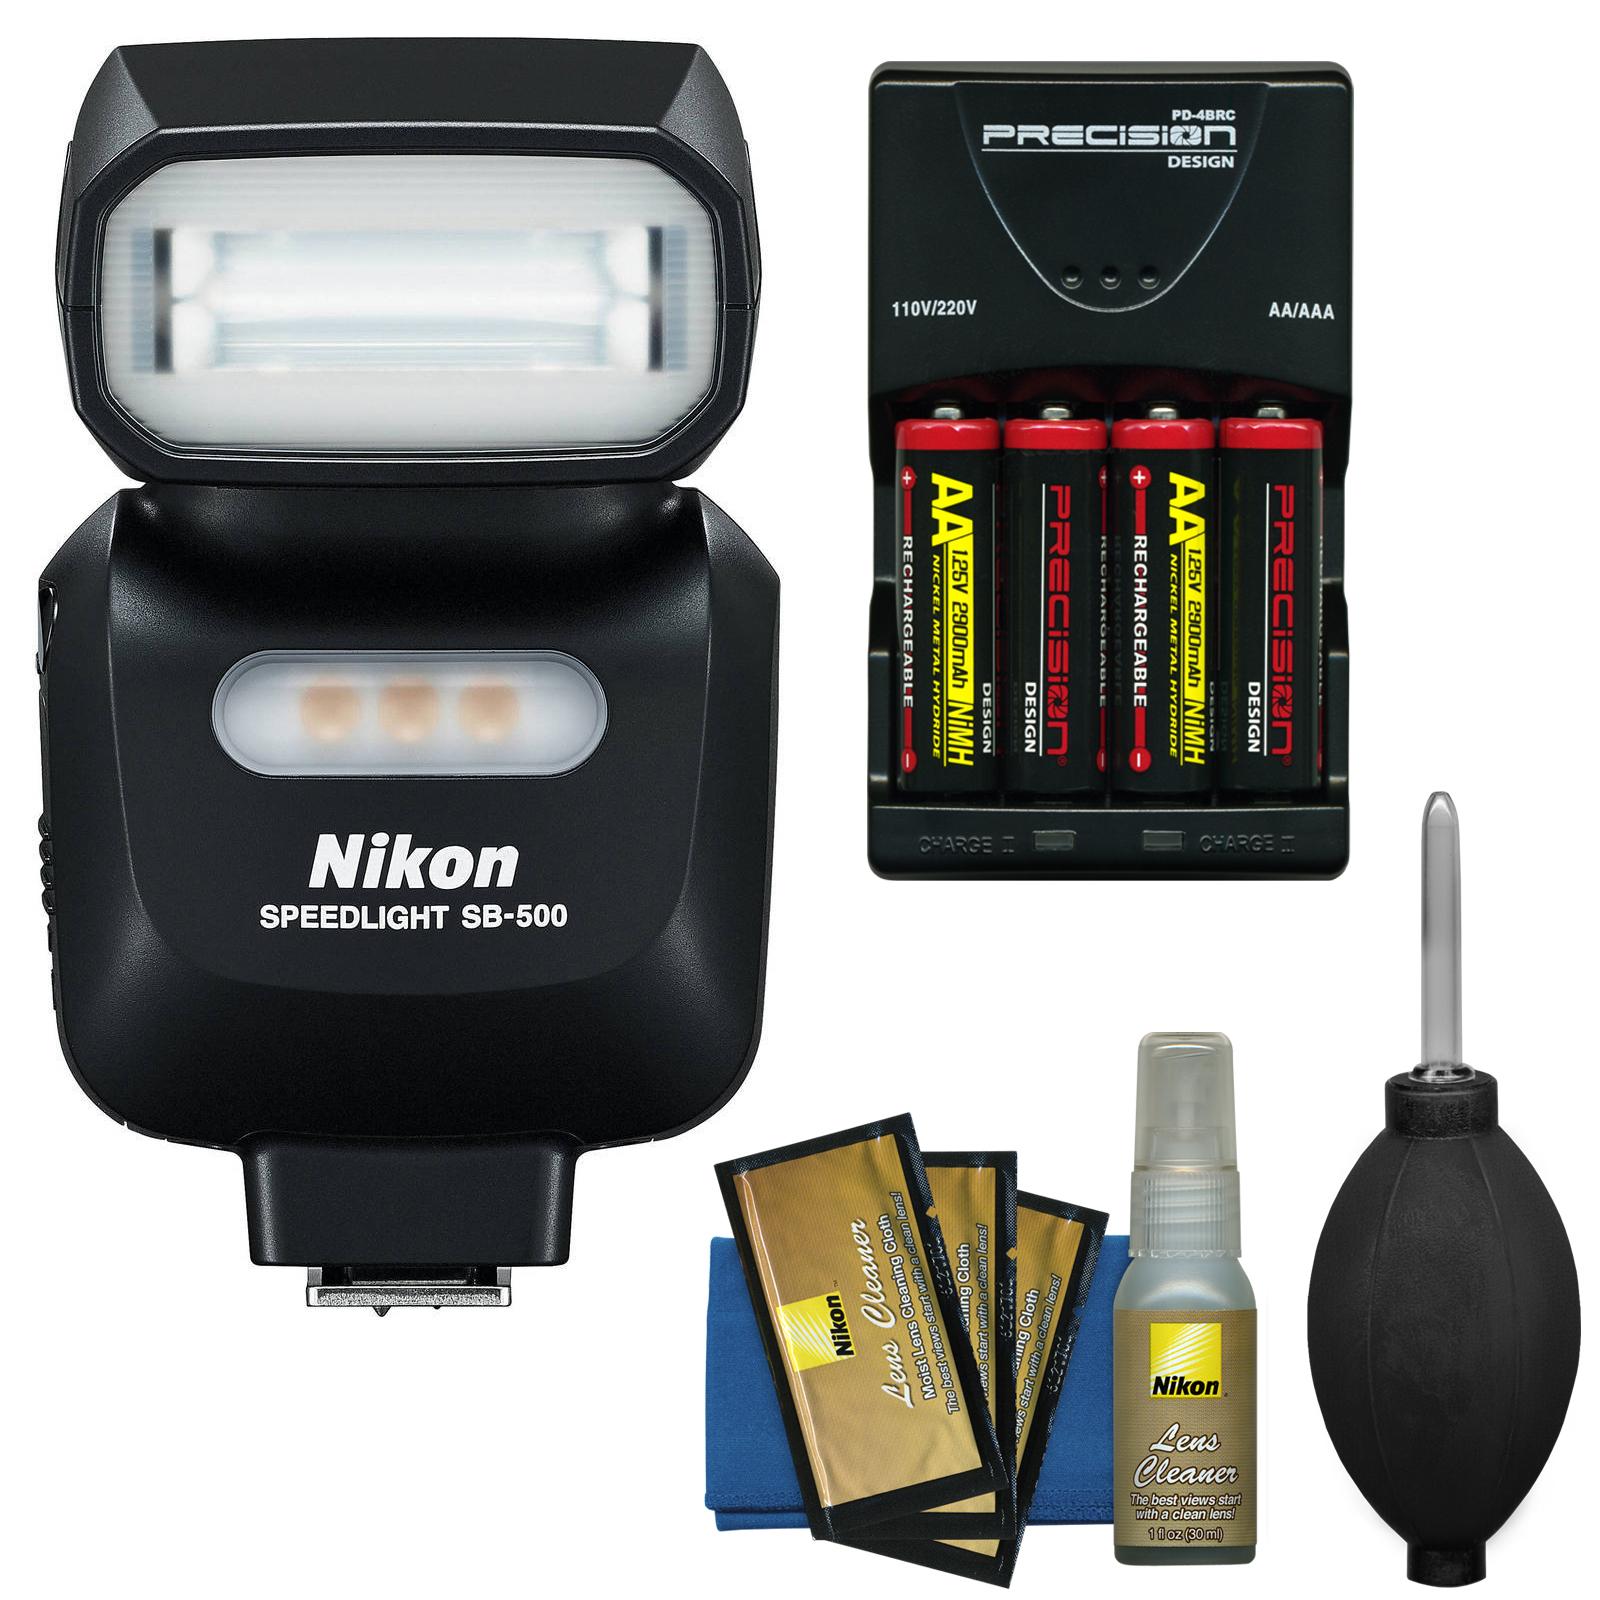 Nikon SB-500 AF Speedlight Flash & LED Video Light with Batteries & Charger + Kit for D3300, D3400, D5300, D5500, D7100, D7200, D500, D610, D750, D810, D5 DSLR Cameras